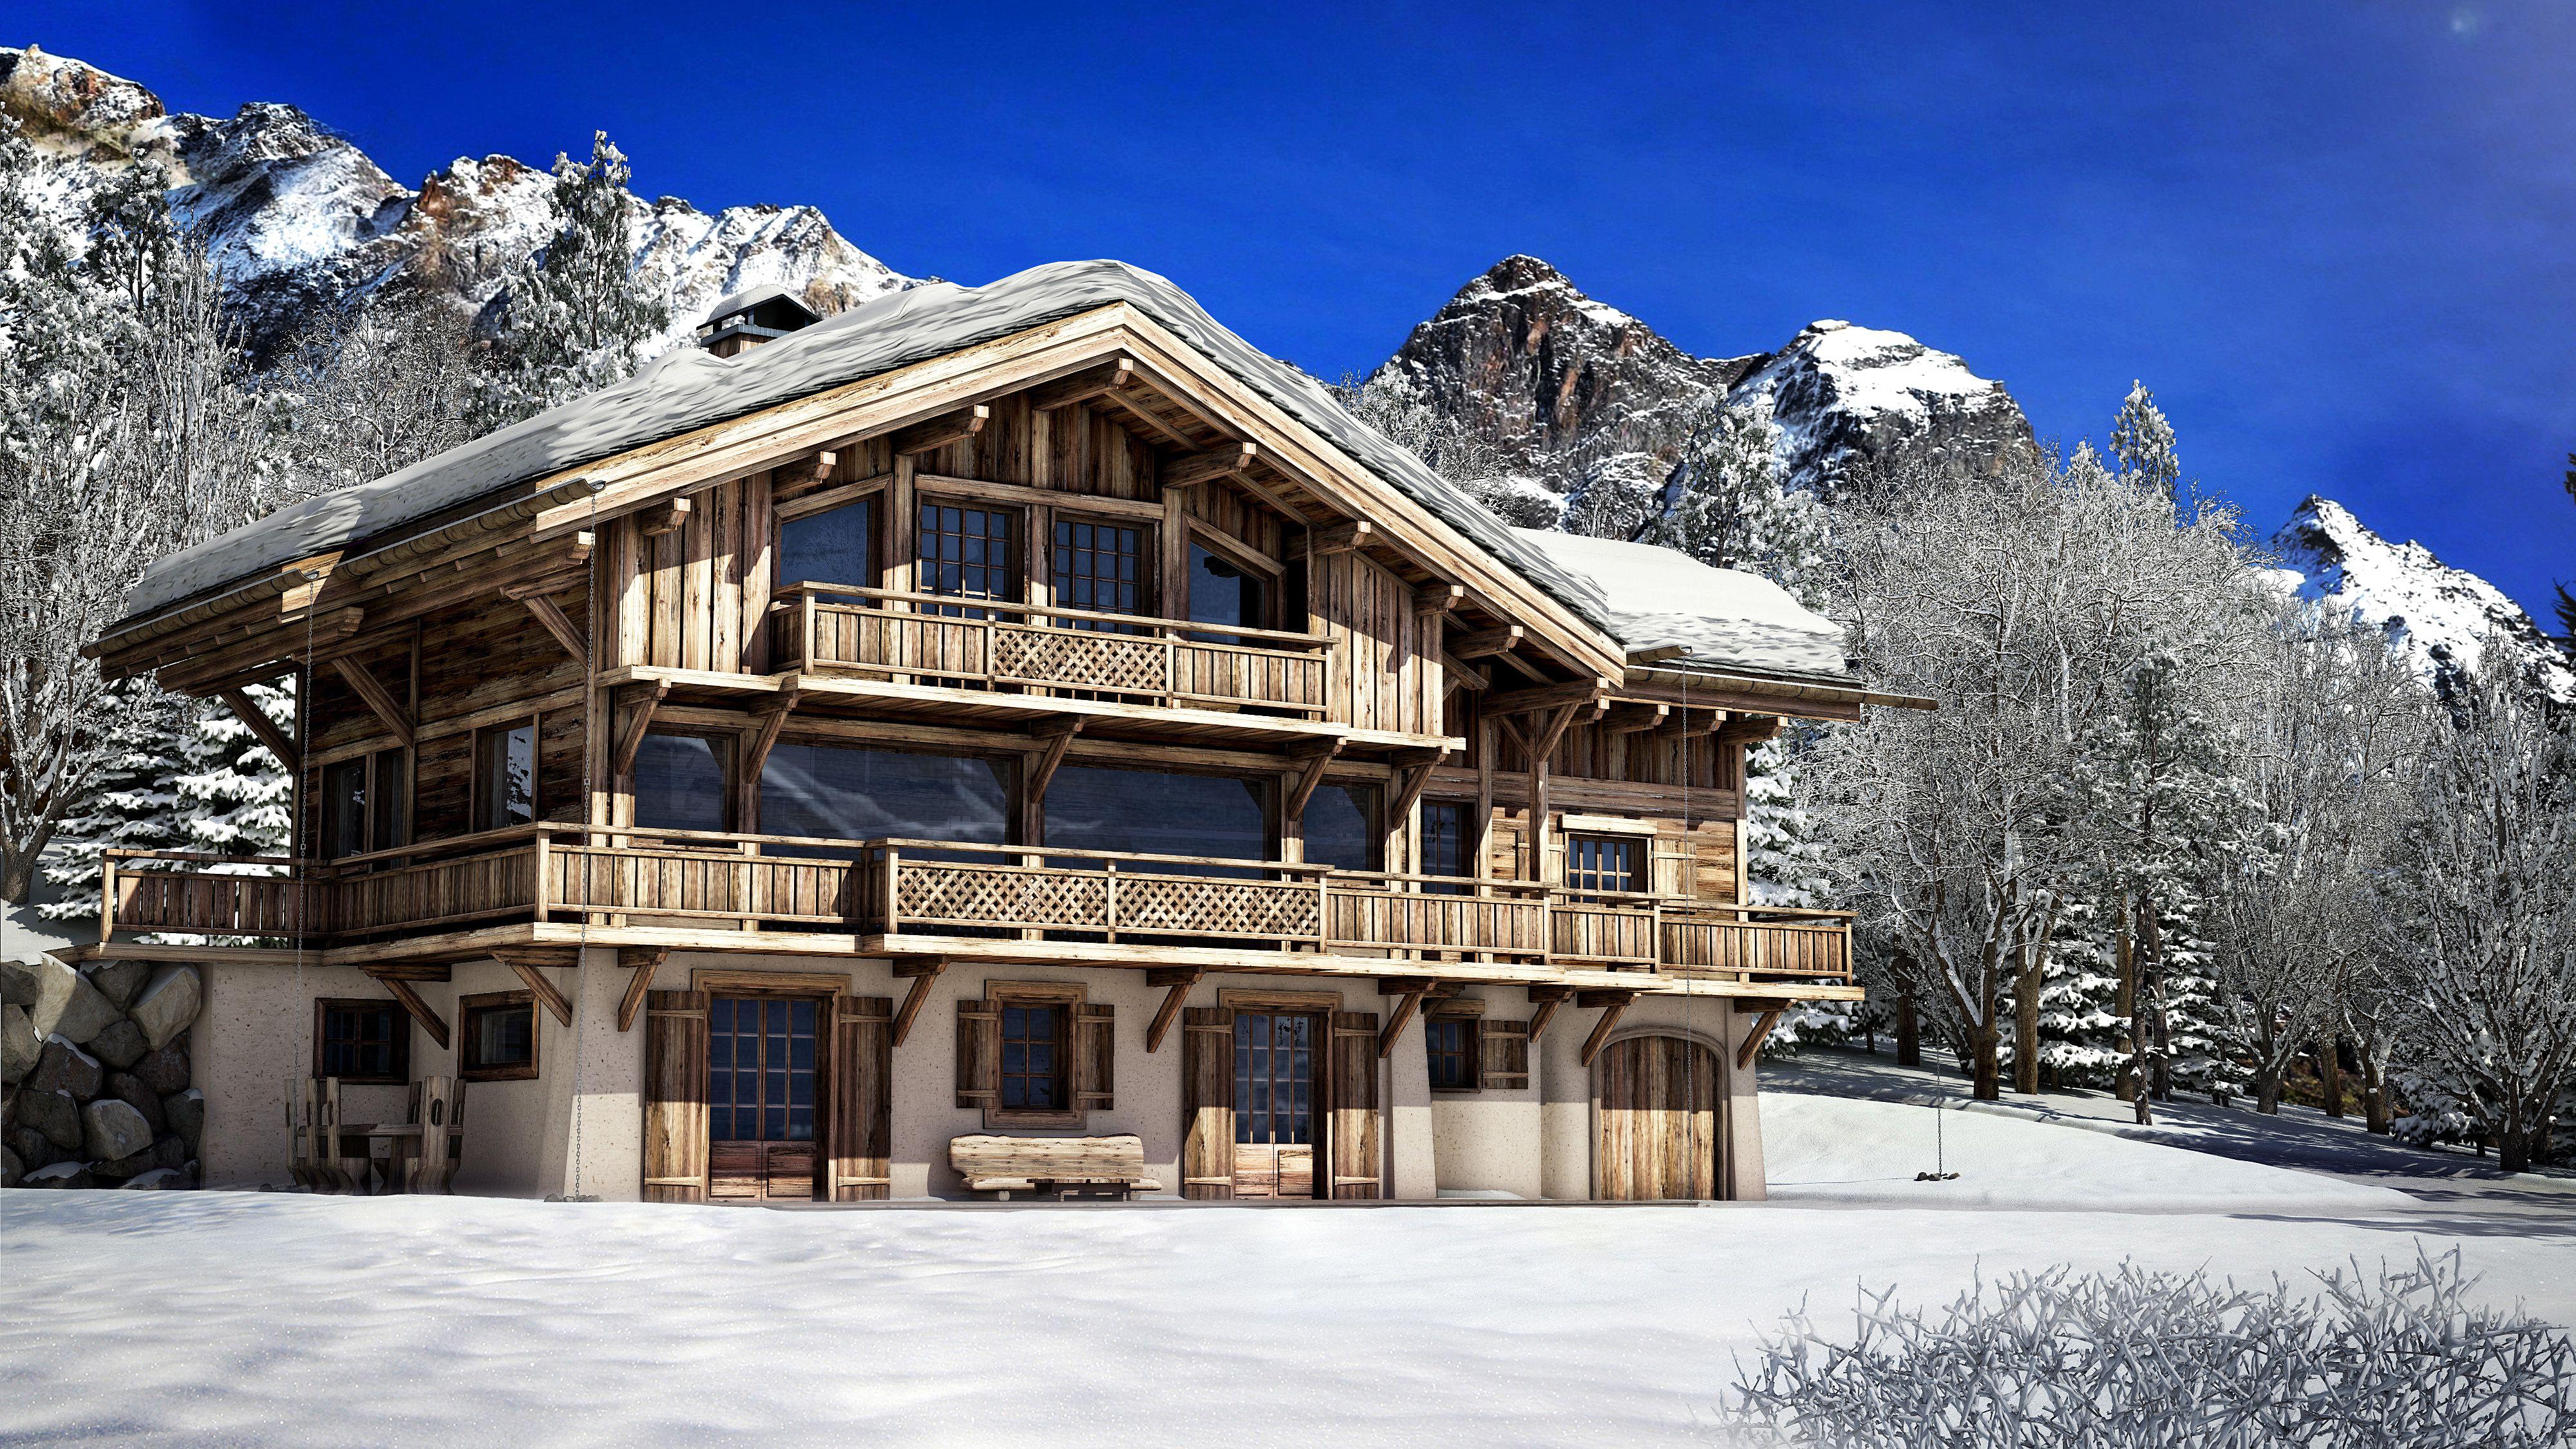 Epingle Sur Chalets In The Alps Chalets Dans Les Alpes